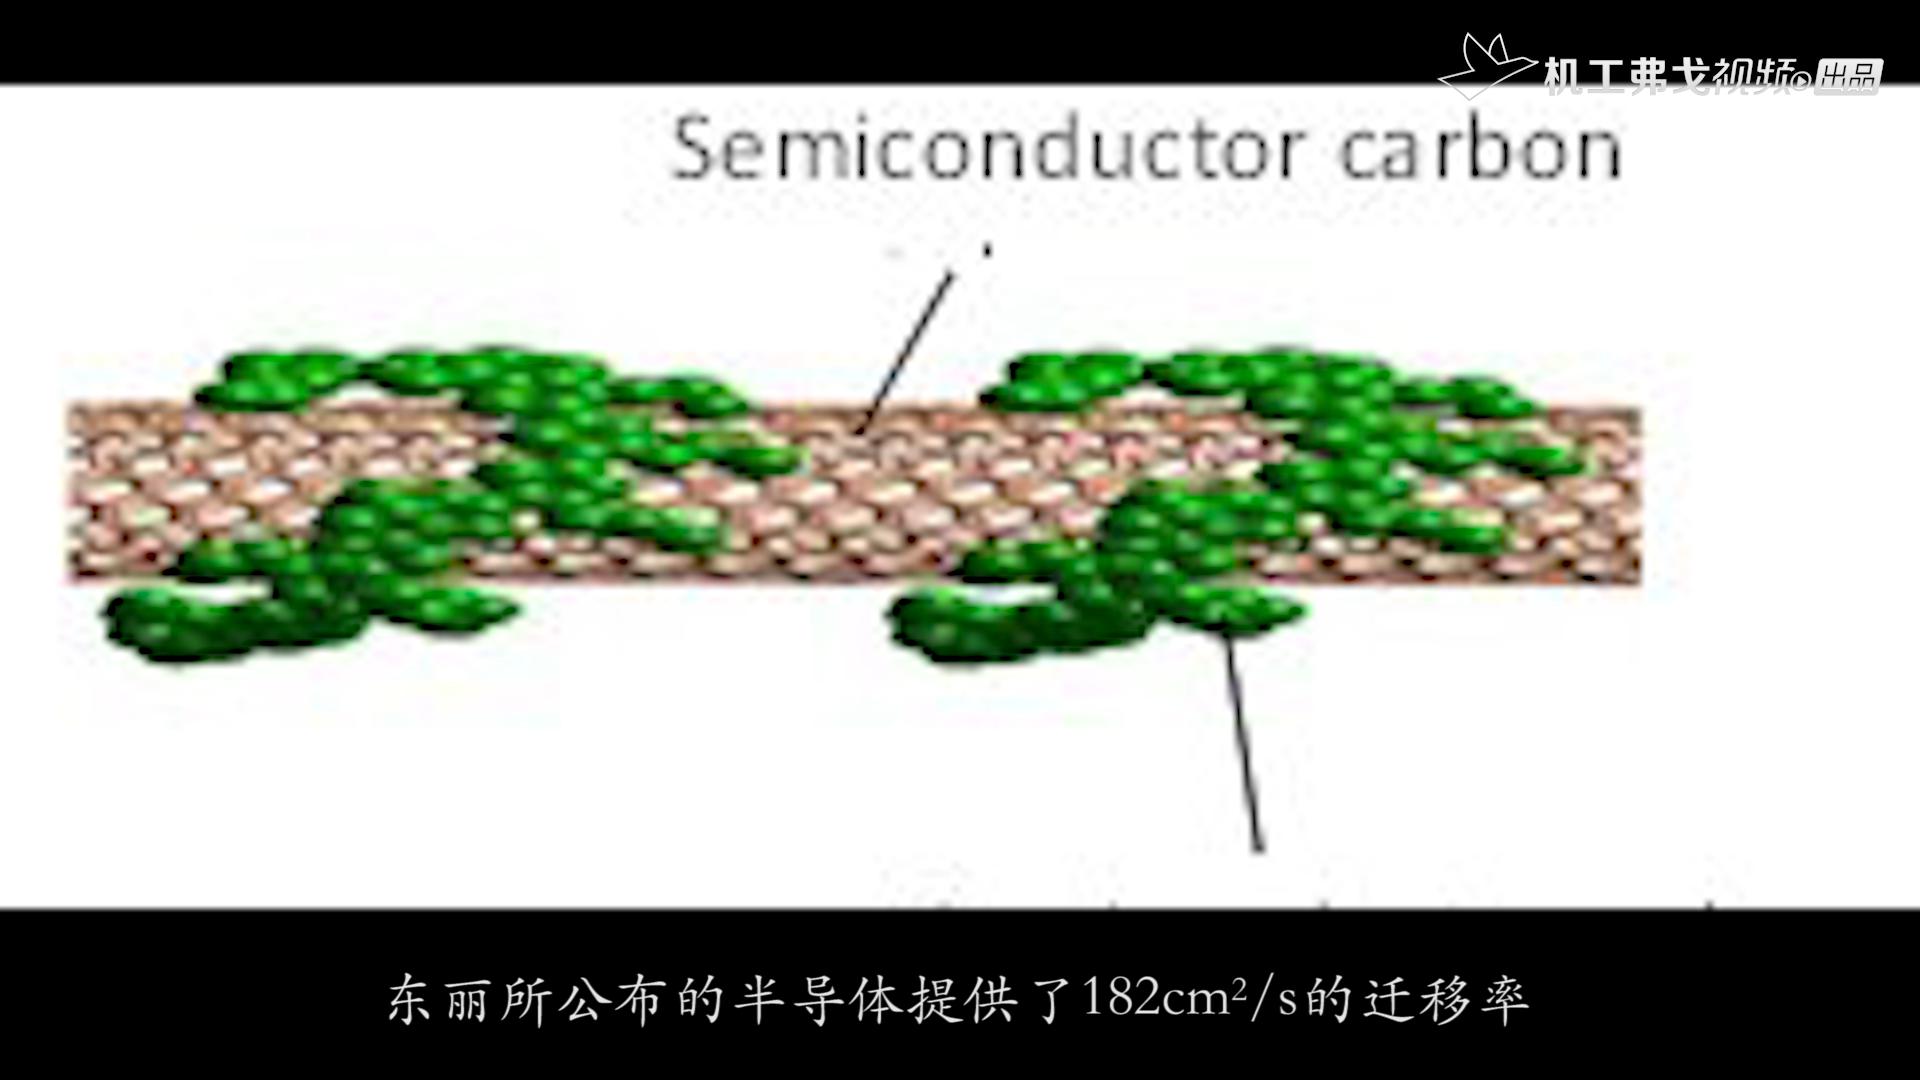 【弗戈工业趣闻】由半导体碳纳米管复合材料印制的RFID实现超高频无线通信